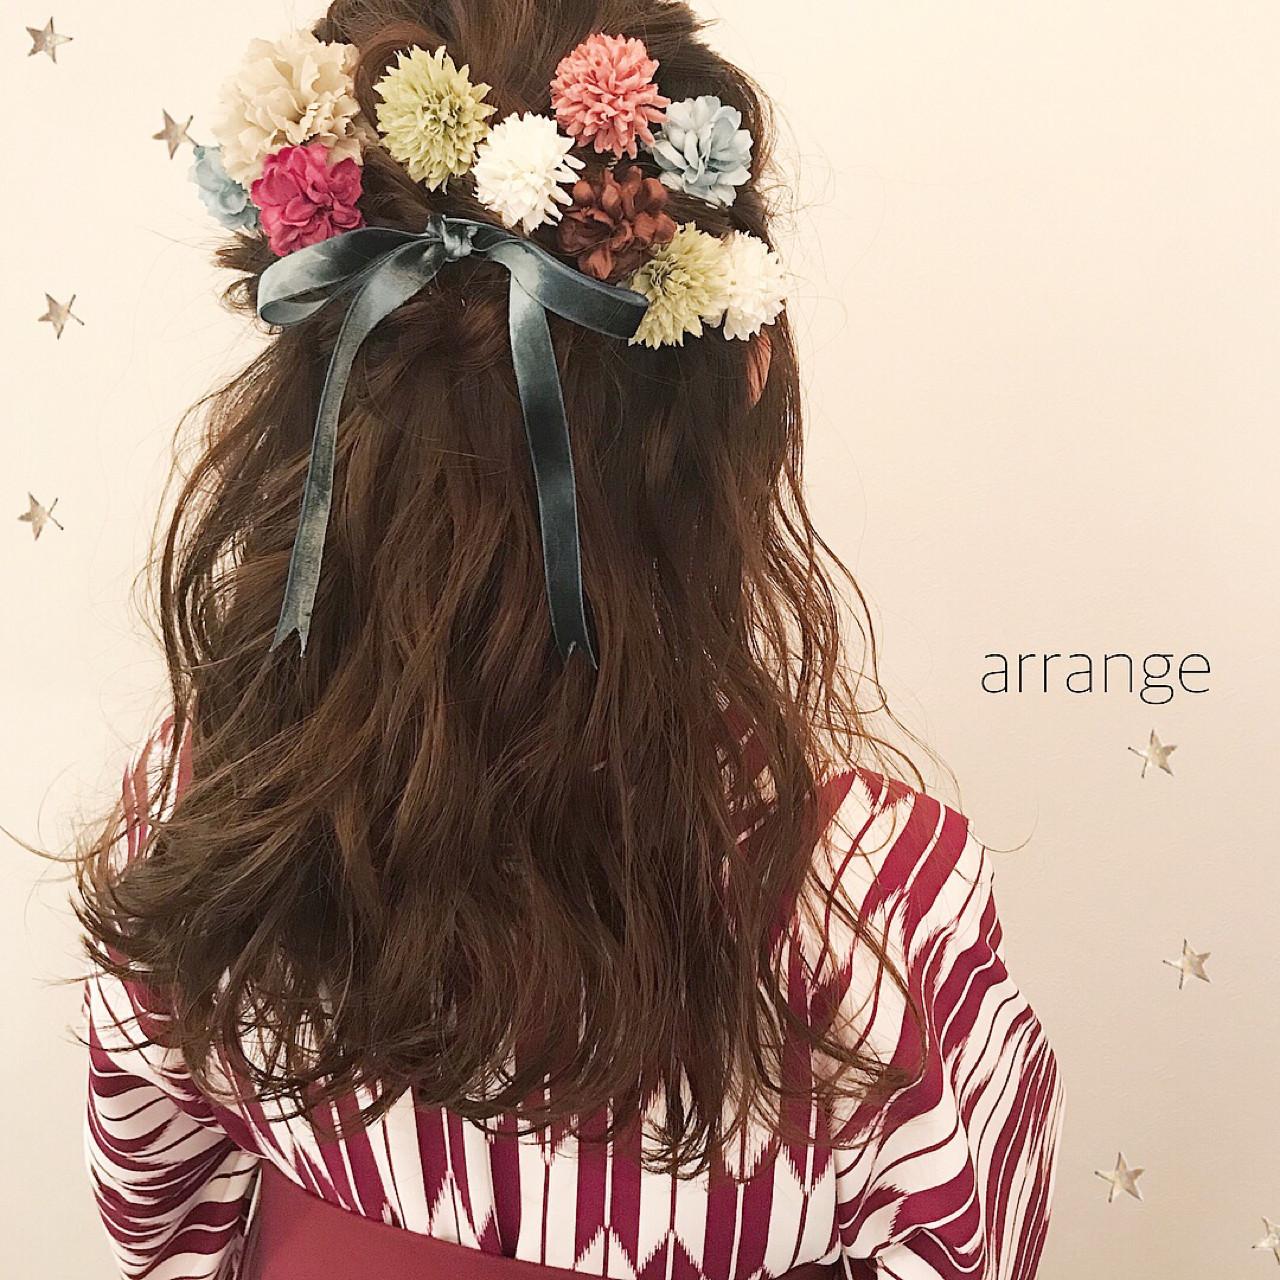 ヘアアレンジ ハーフアップ 謝恩会 ナチュラル ヘアスタイルや髪型の写真・画像